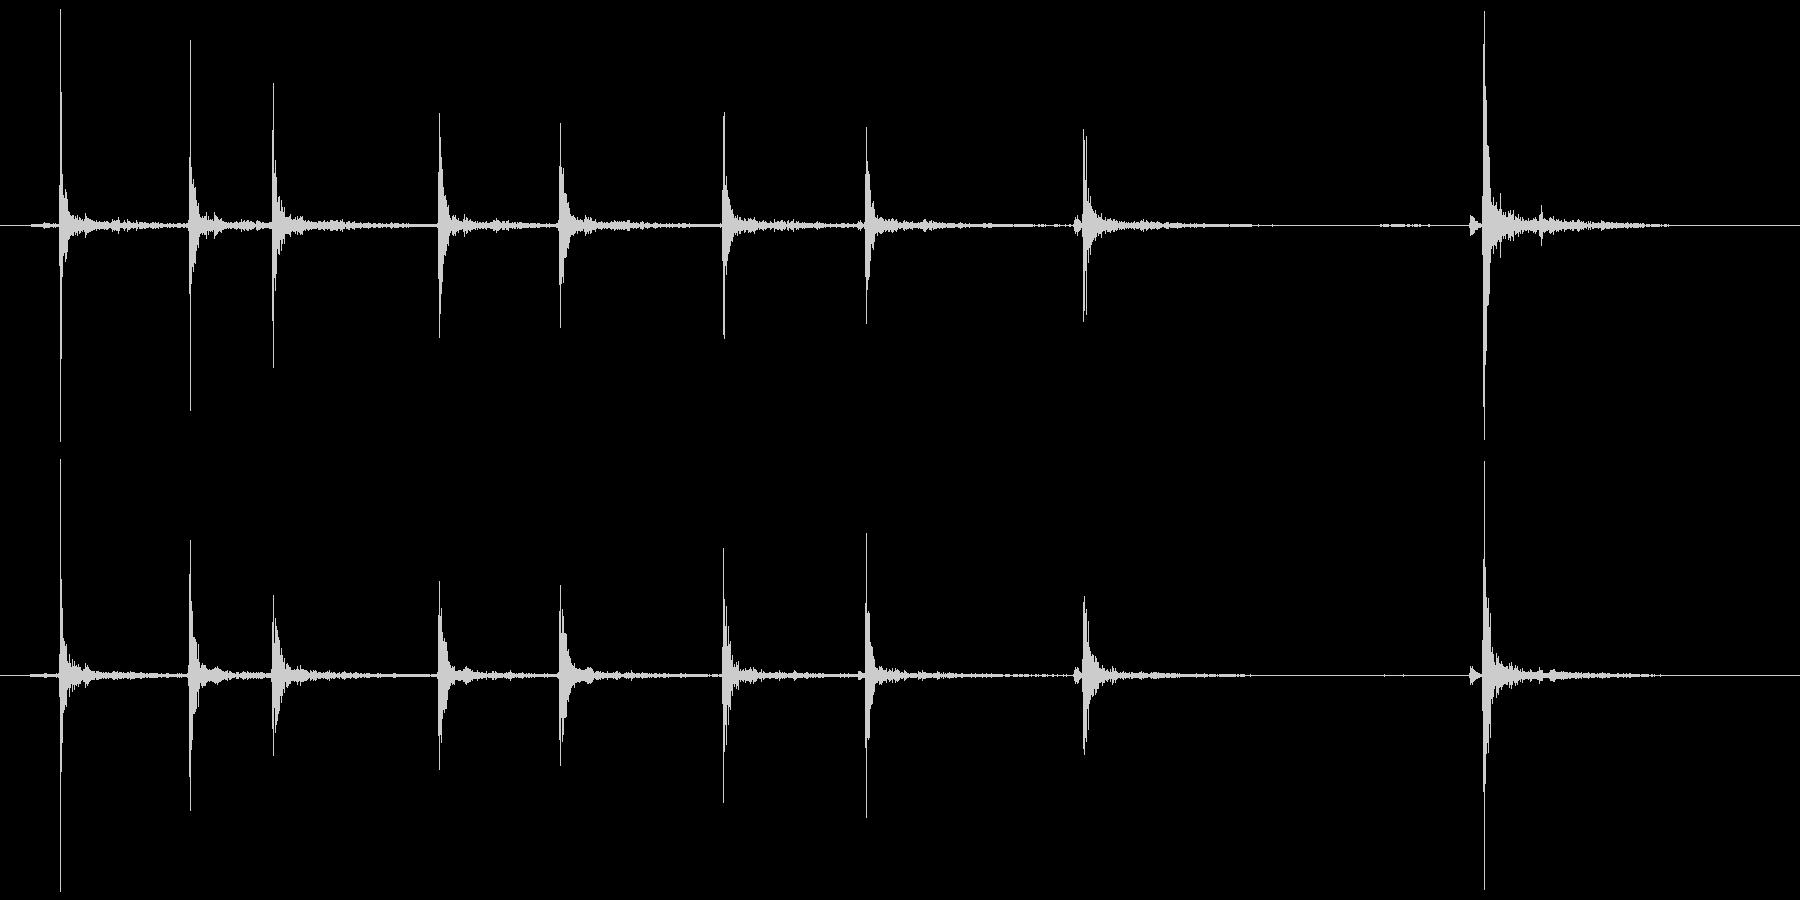 カッターの刃を伸ばす(気持ちゆっくり)の未再生の波形